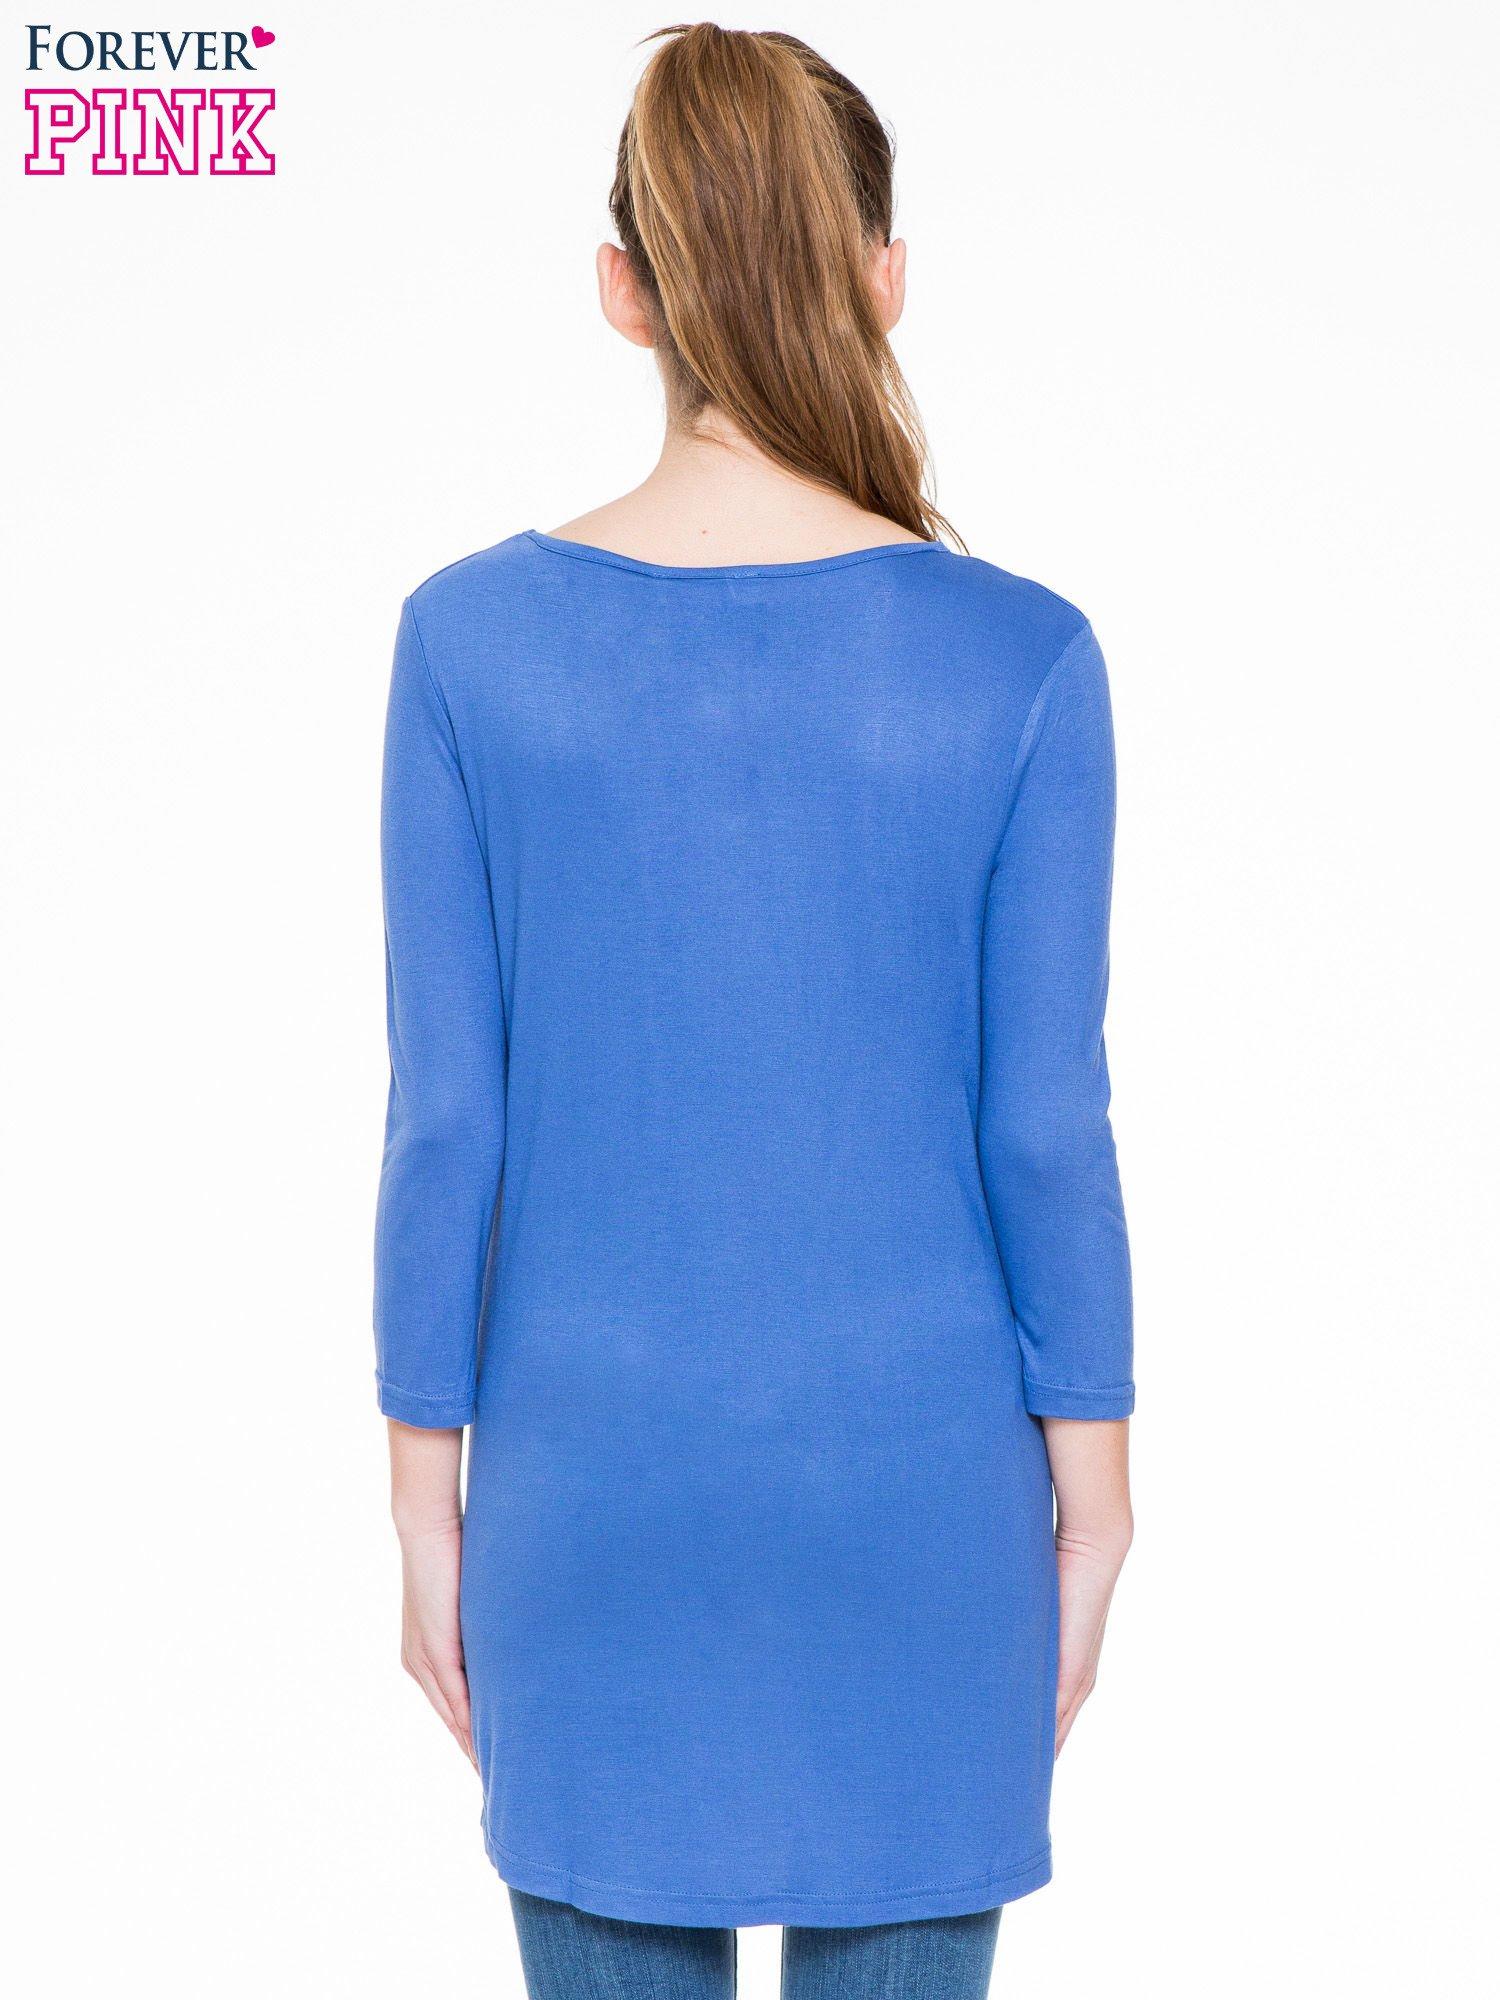 Niebieska gładka bluzka z dłuższym tyłem                                  zdj.                                  4